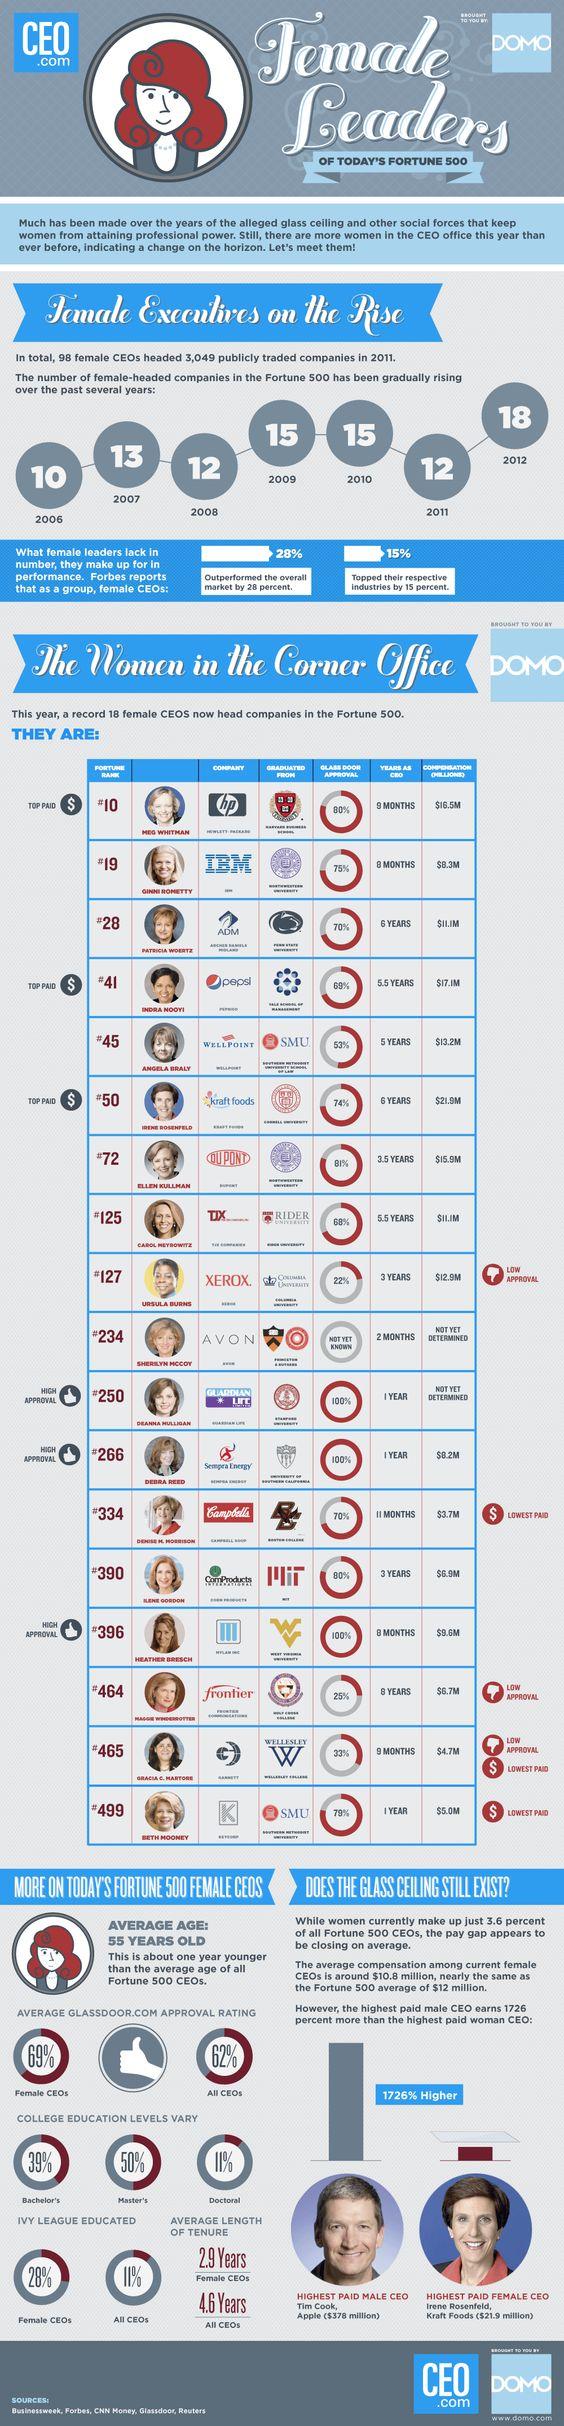 Mujeres CEO en el Fortune 500 #infografia #infographic | TICs y Formación